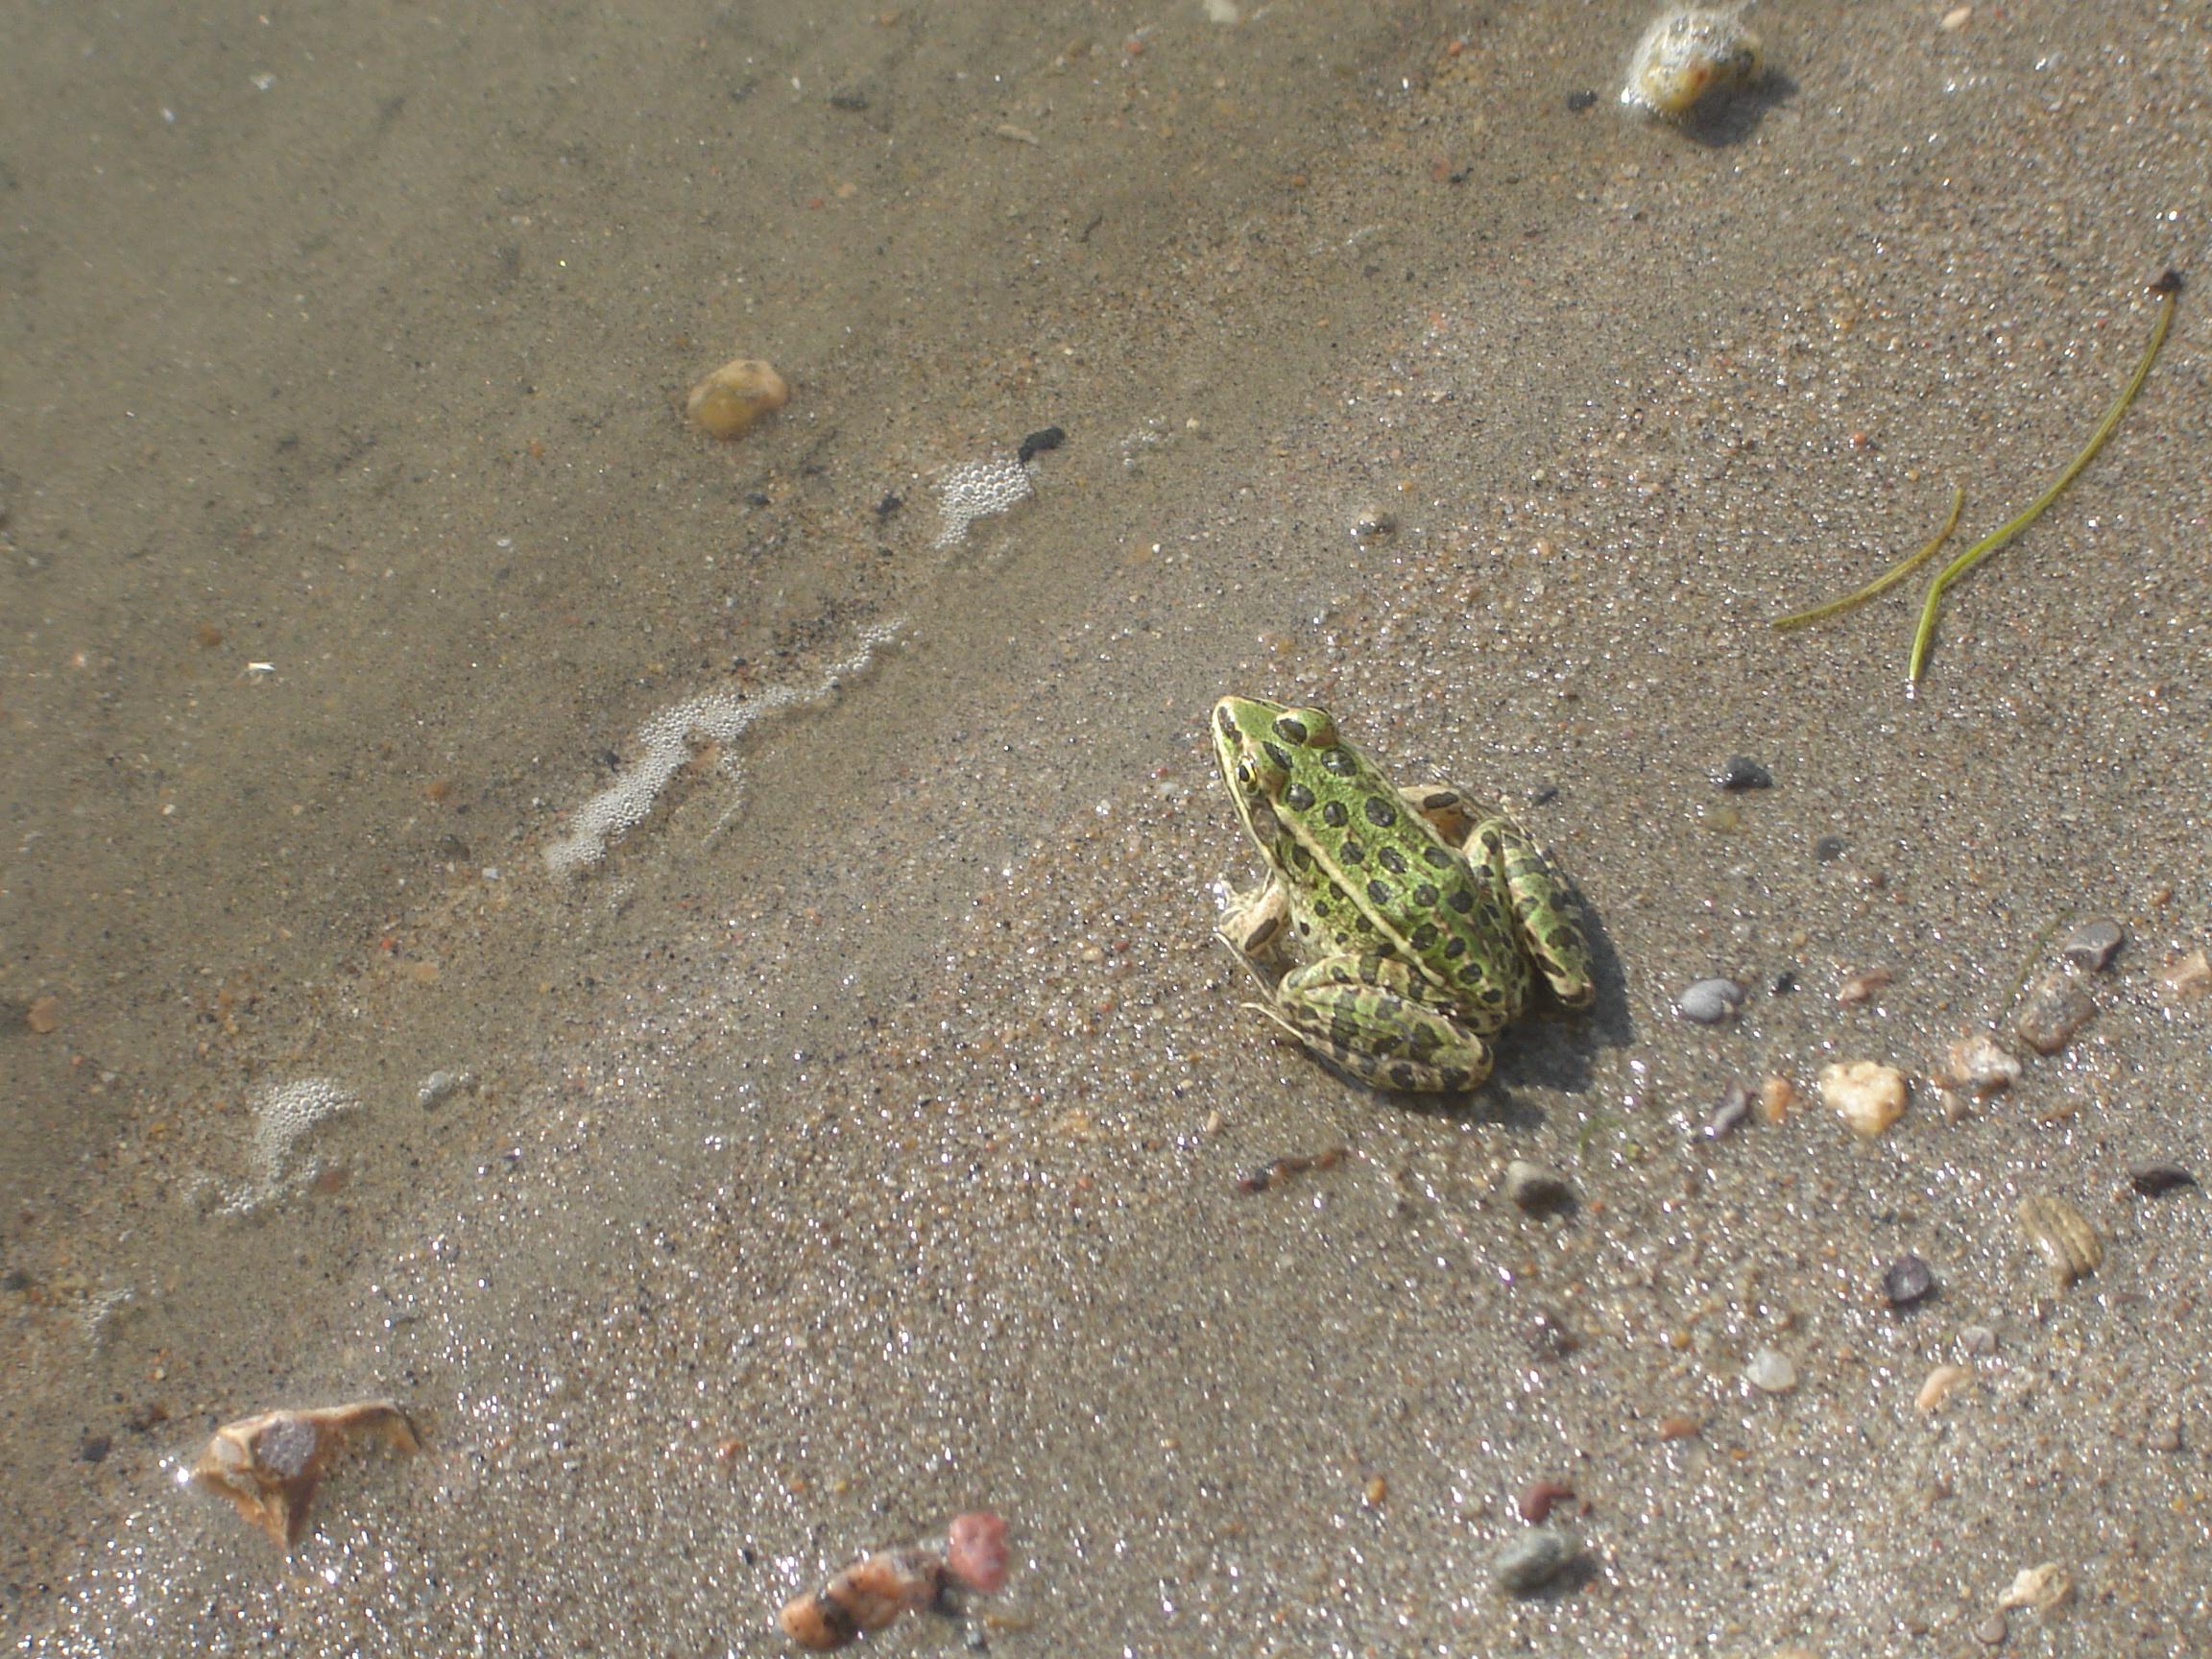 File:Northern Leopard Frog.jpg